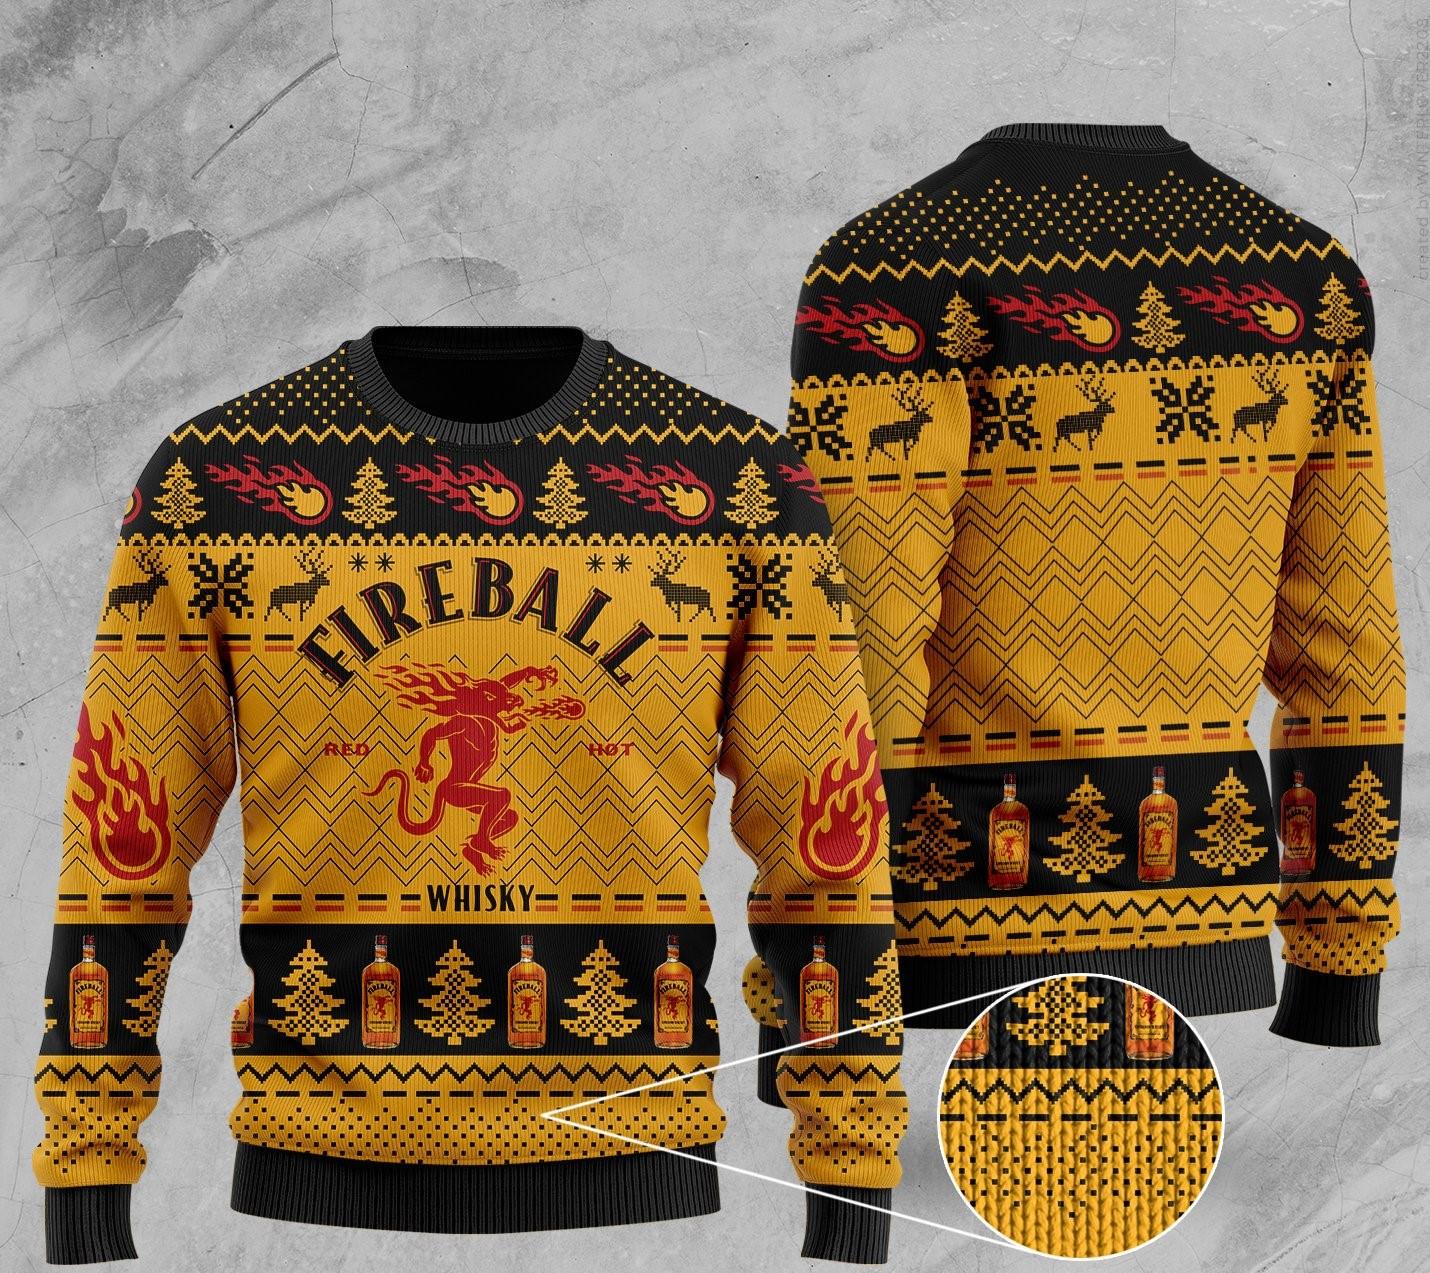 fireball cinnamon whisky all over print ugly christmas sweater 2 - Copy (2)